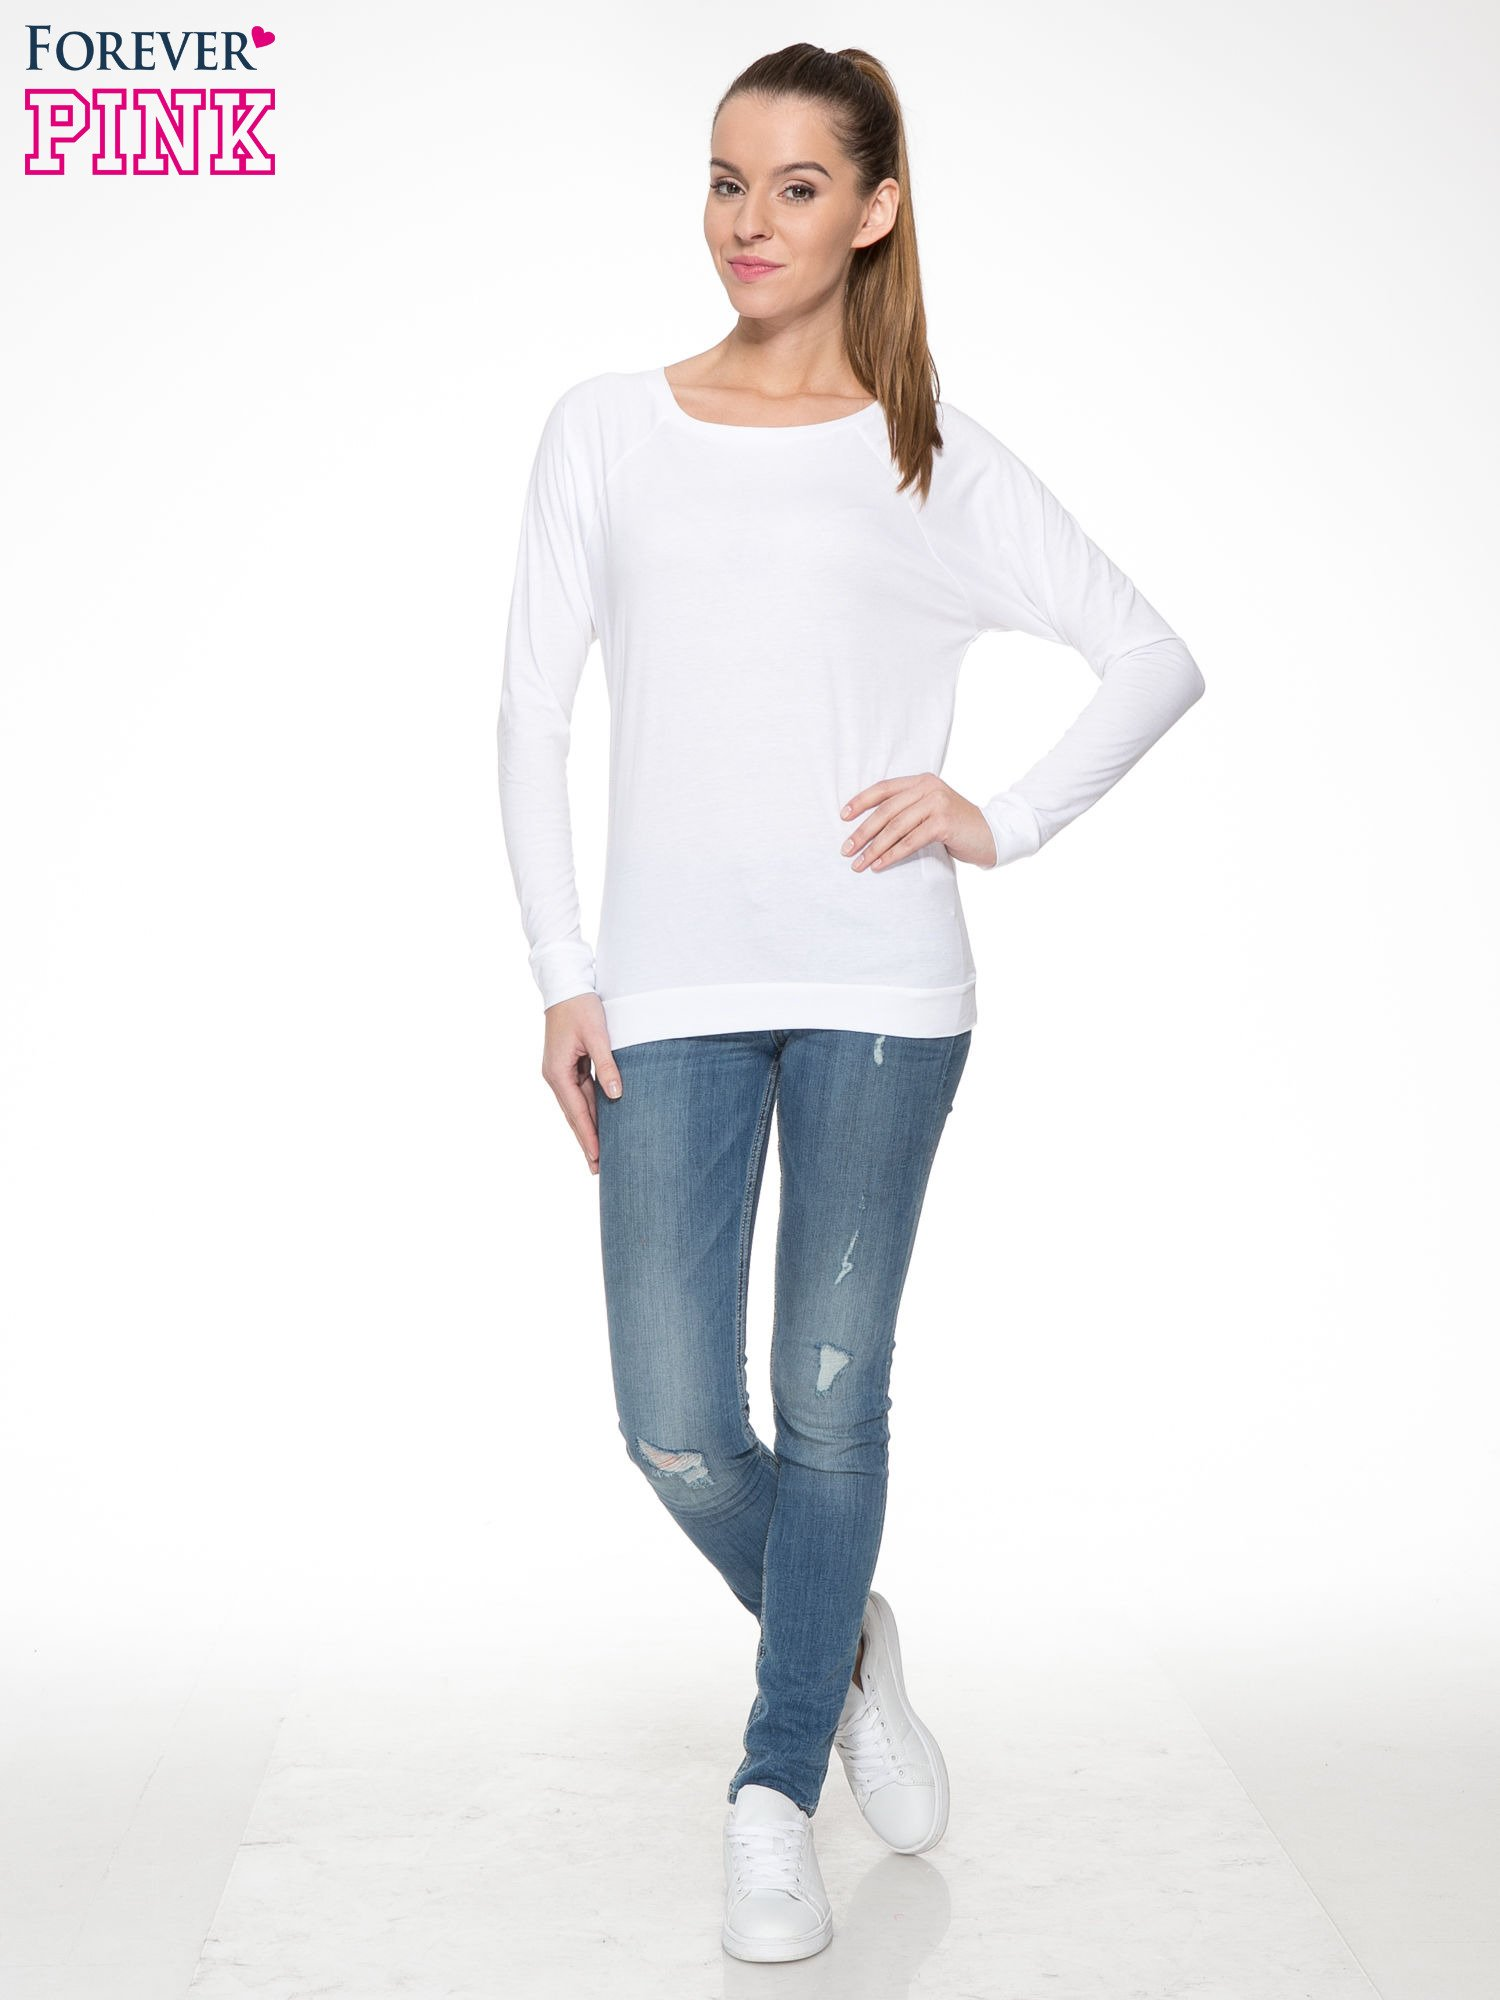 Biała bawełniana bluzka z rękawami typu reglan                                  zdj.                                  2